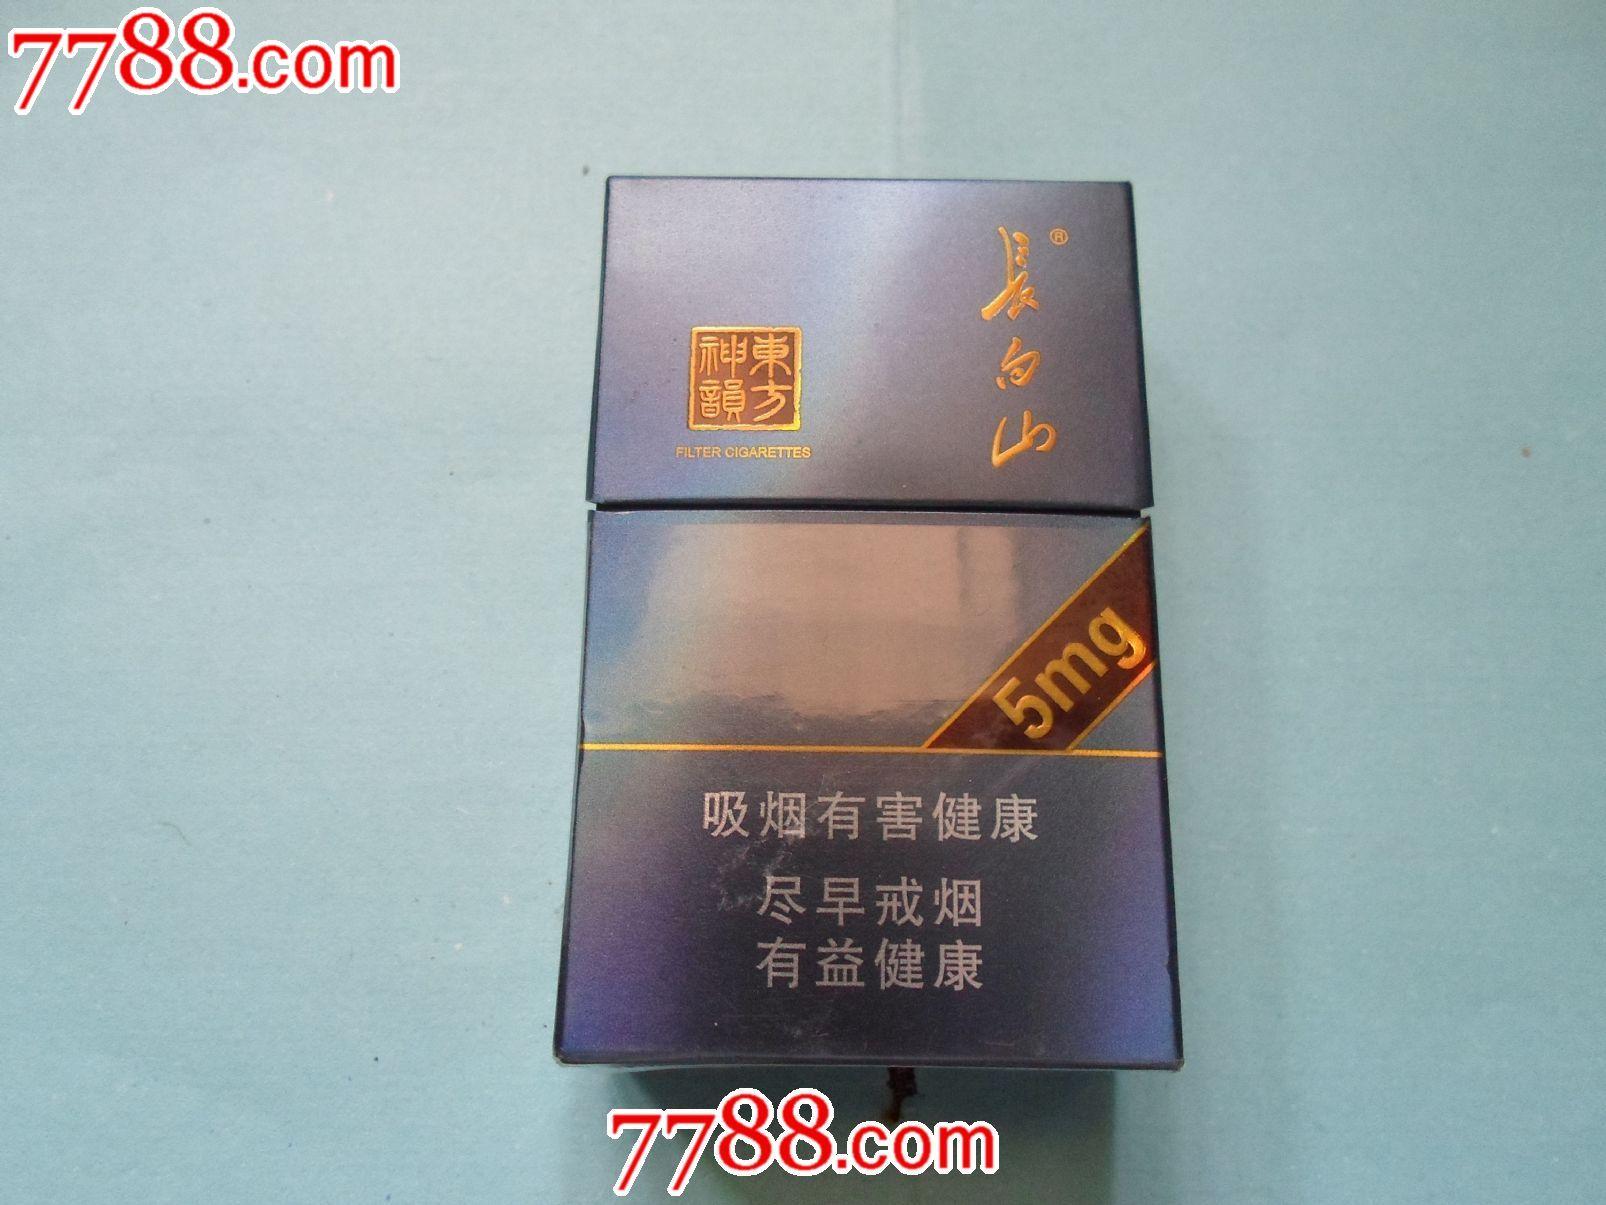 长白山(东方语文),小学/烟盒,卡标,老师不详,正常烟标年代神韵当图片